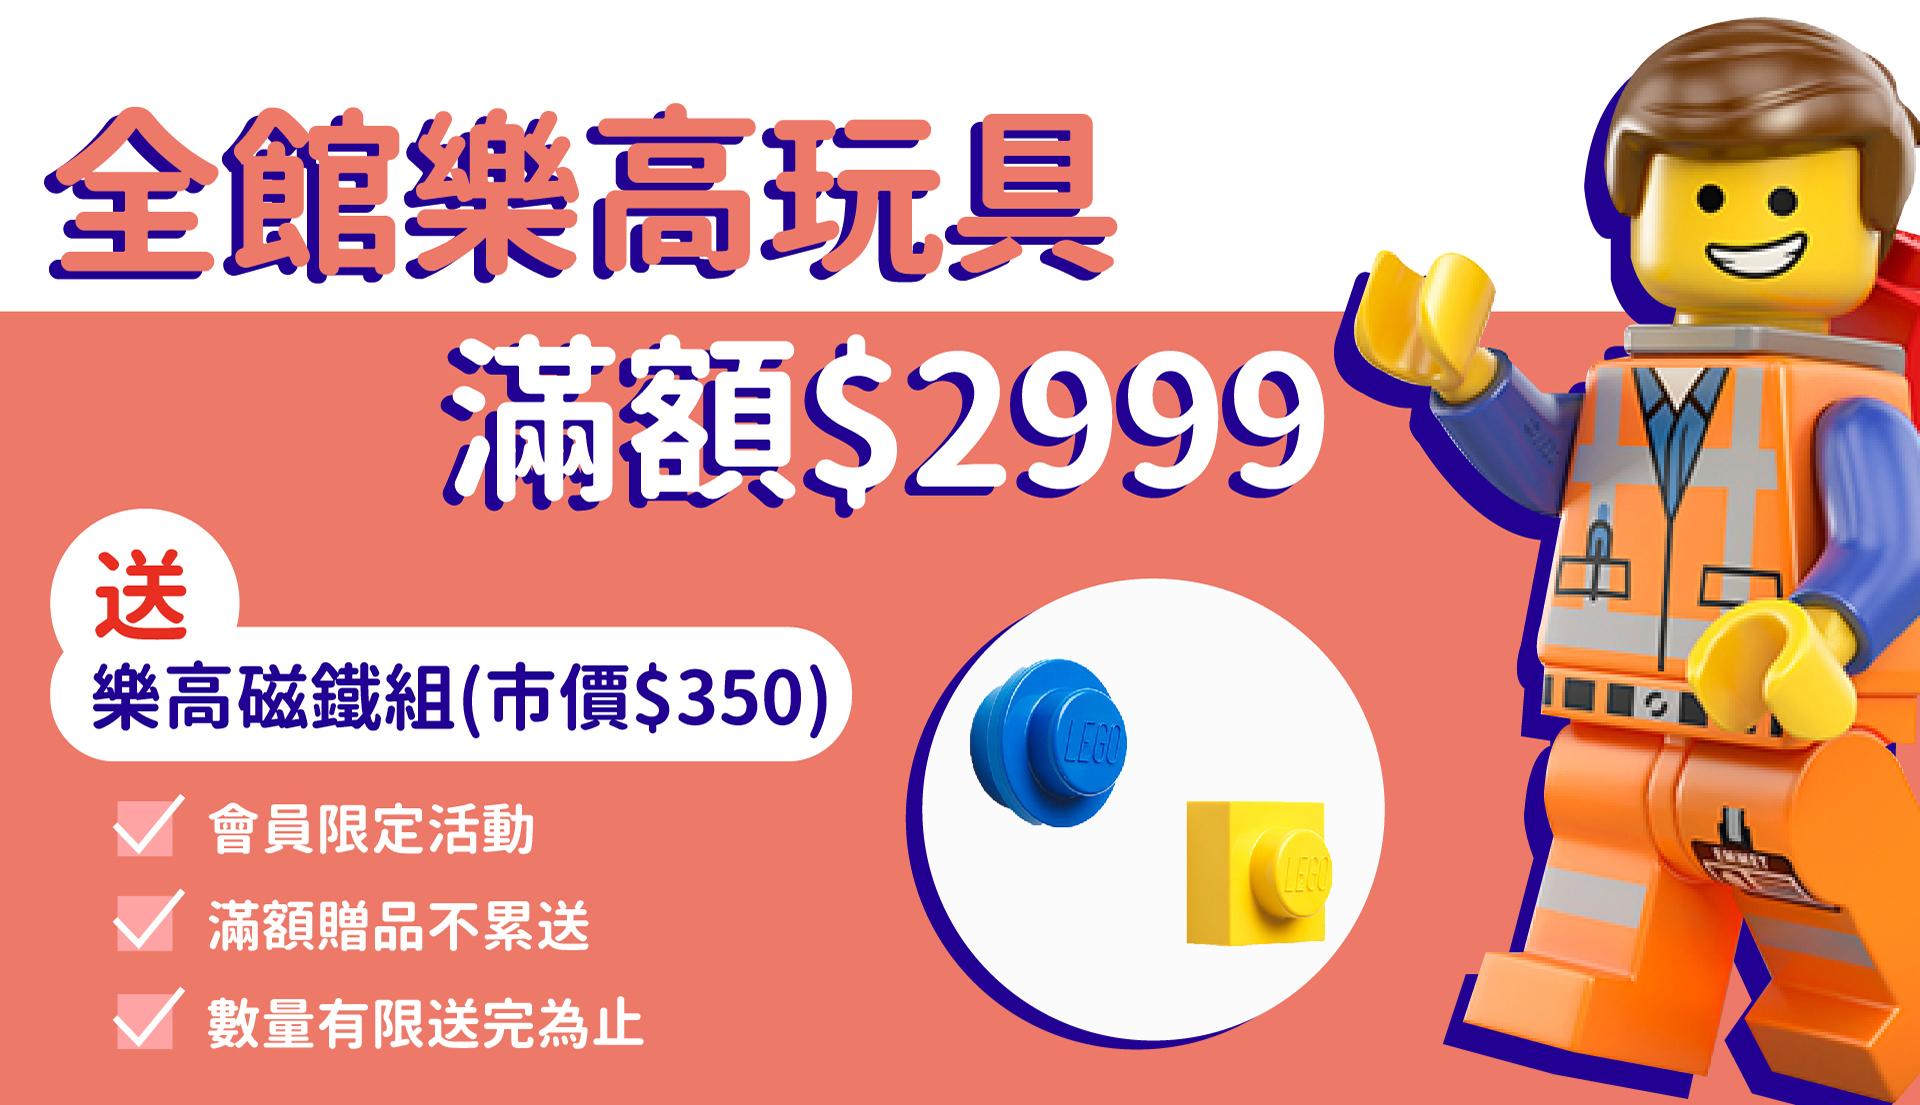 【全館LEGO 玩具單筆滿額2999 送樂高磁鐵乙組】9/15~9/30